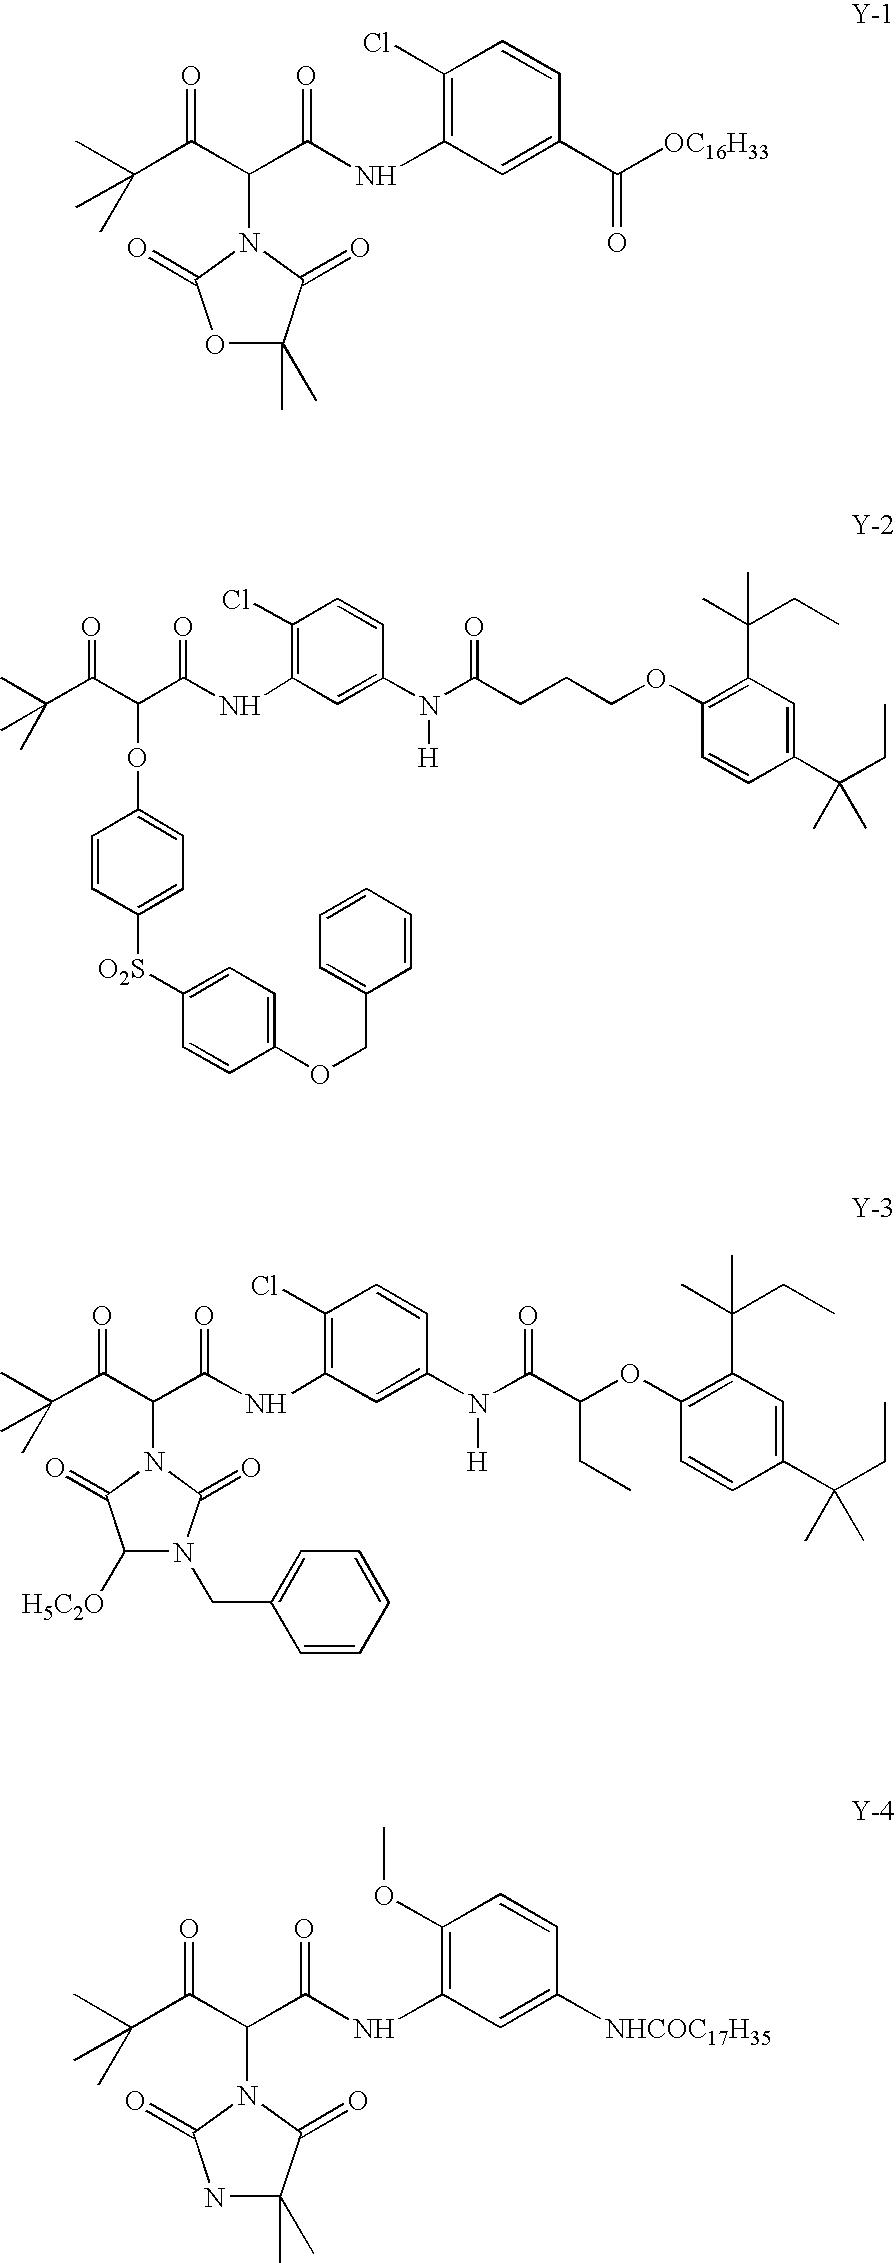 Figure US07153620-20061226-C00020